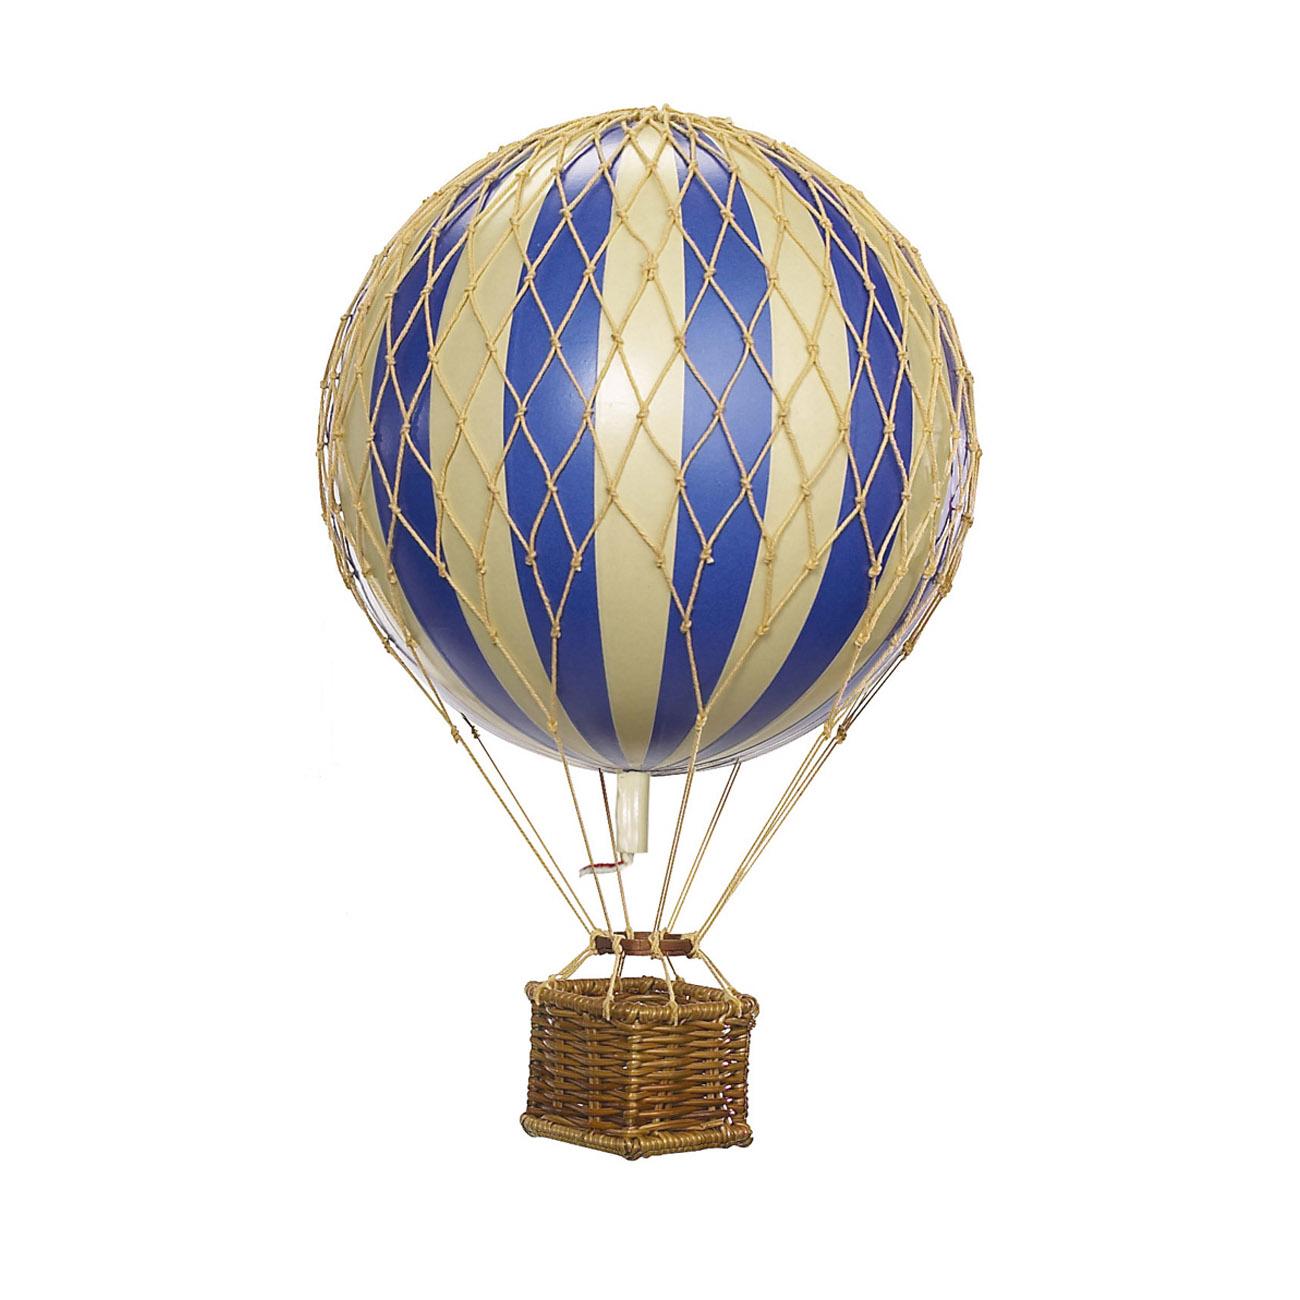 Image: Hot Air Balloon Model